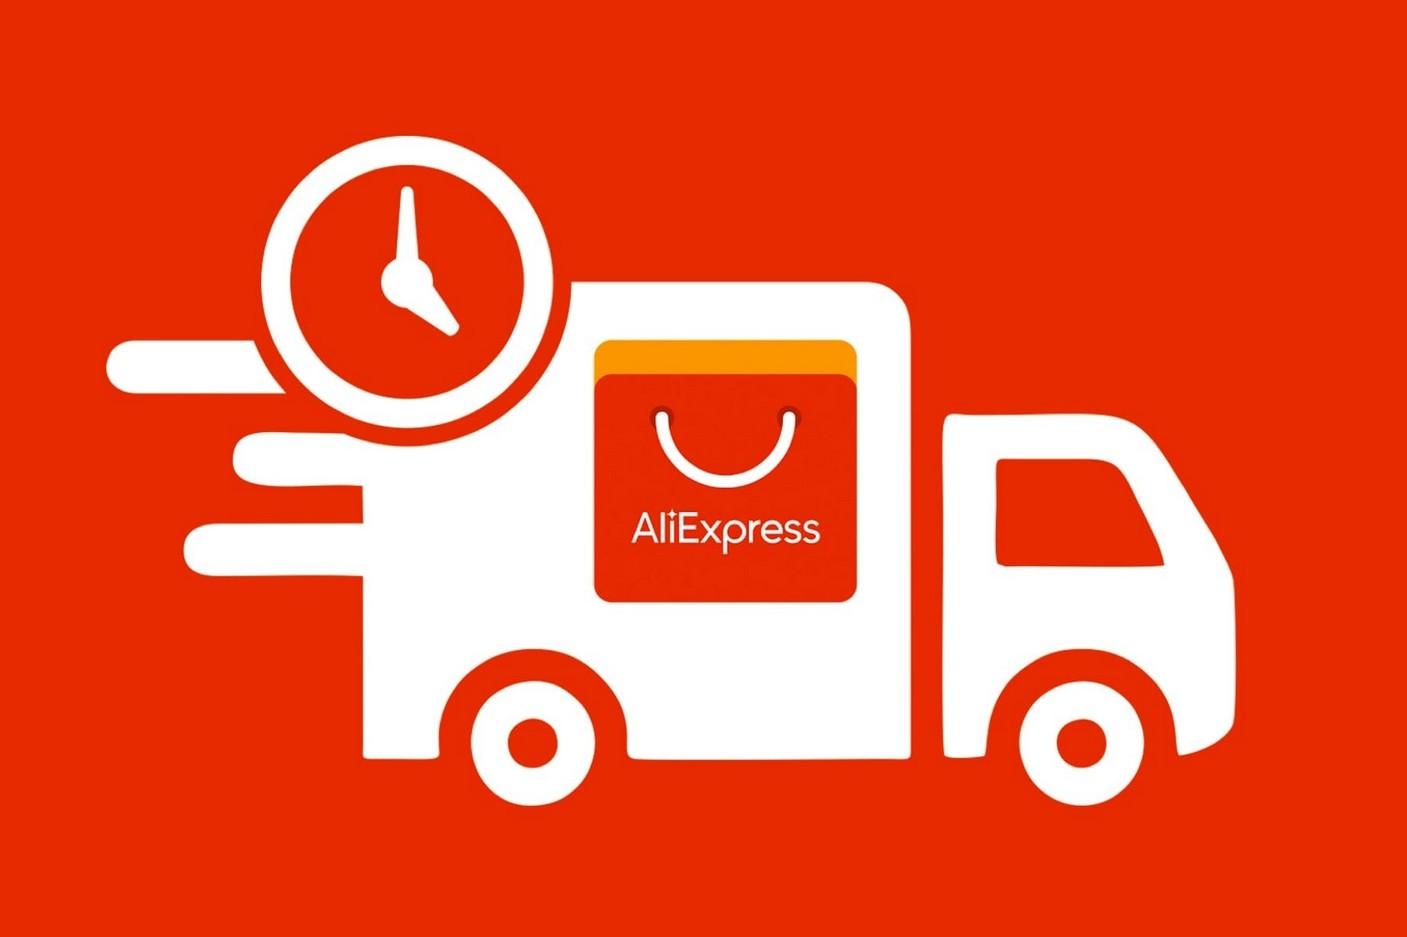 Нововведение от AliExpress - оптимизации сроков стандартной доставки AliExpress Standard Shipping